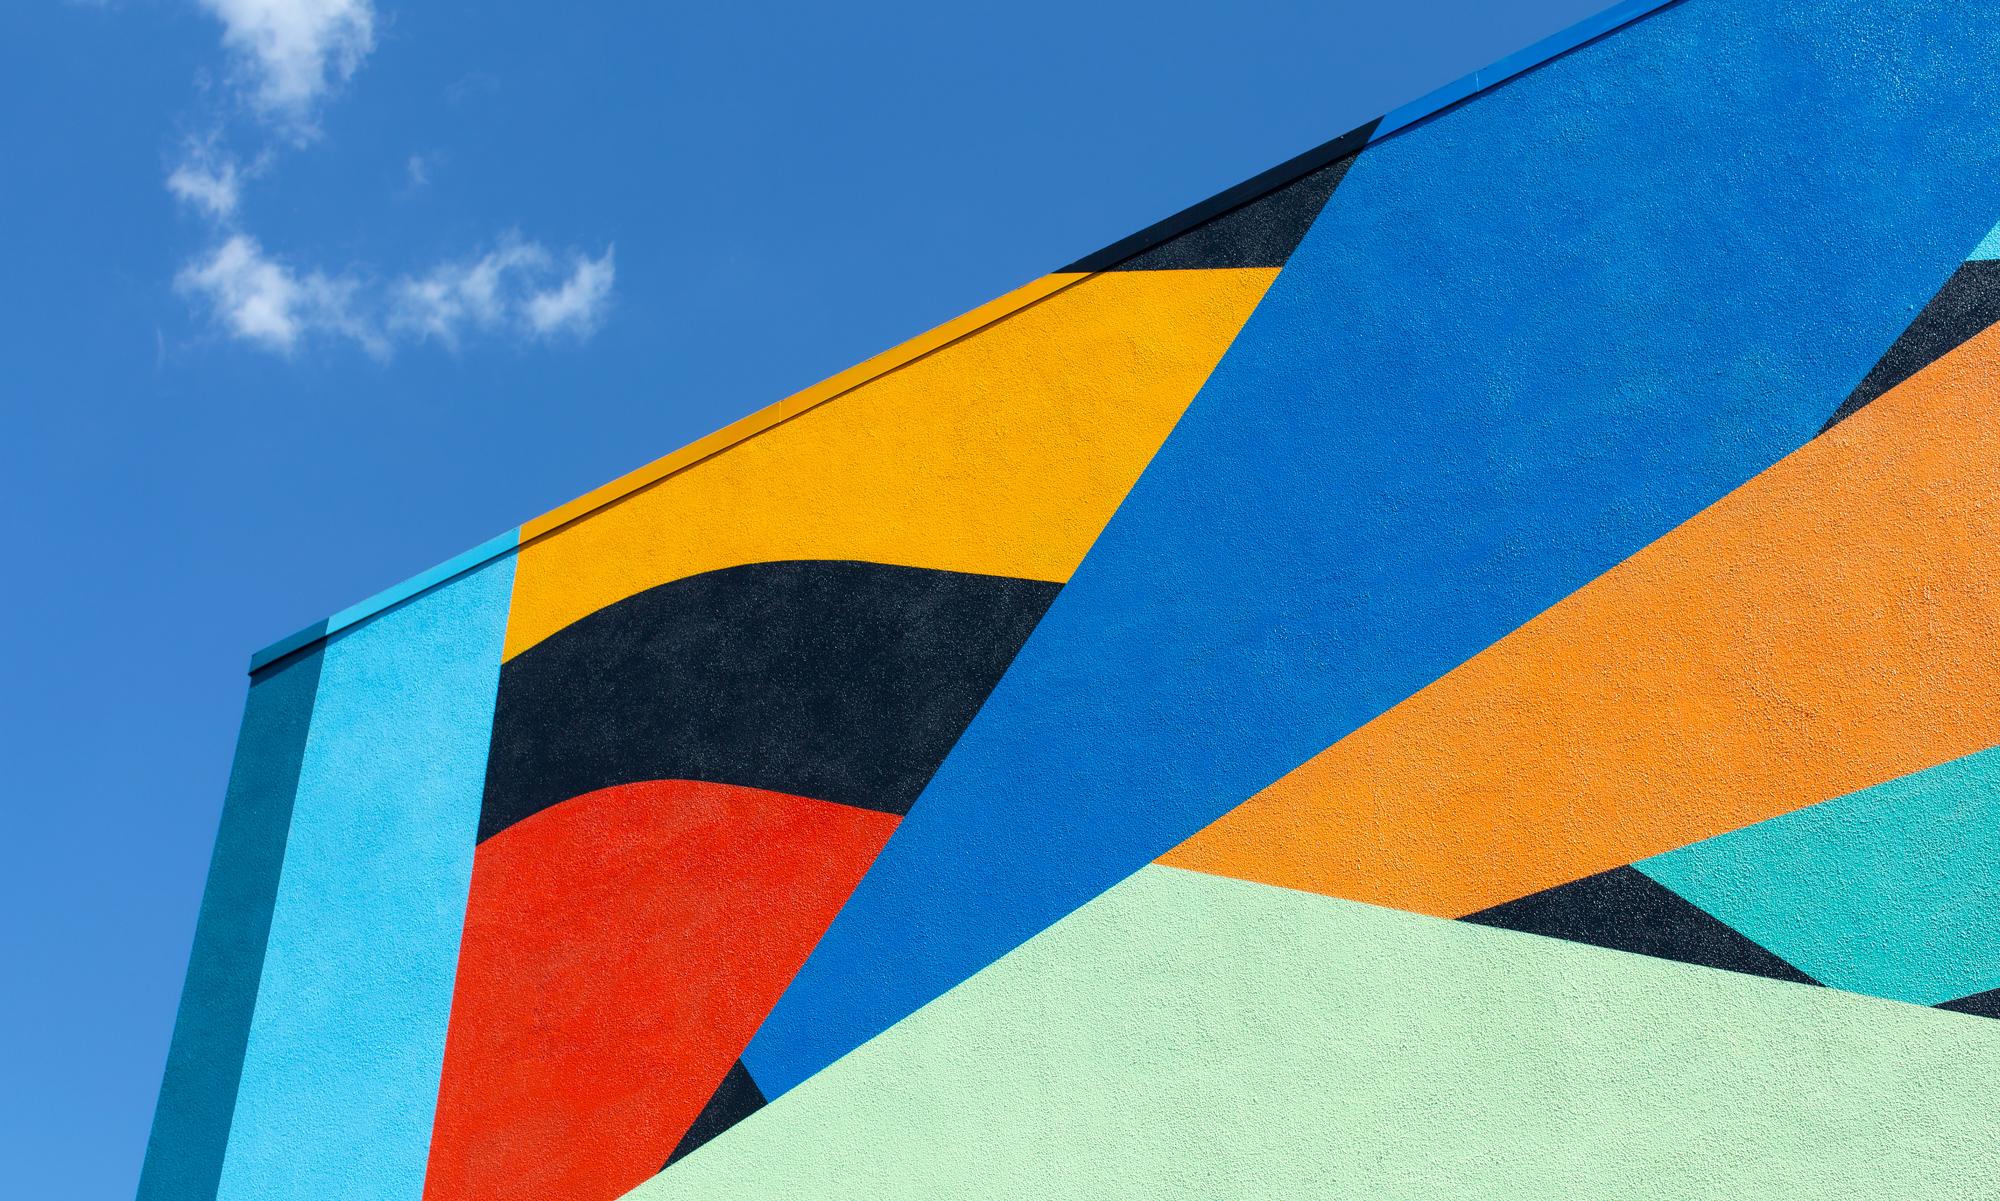 Charlie_Edmiston_World_Impact_Mural_3.jpg